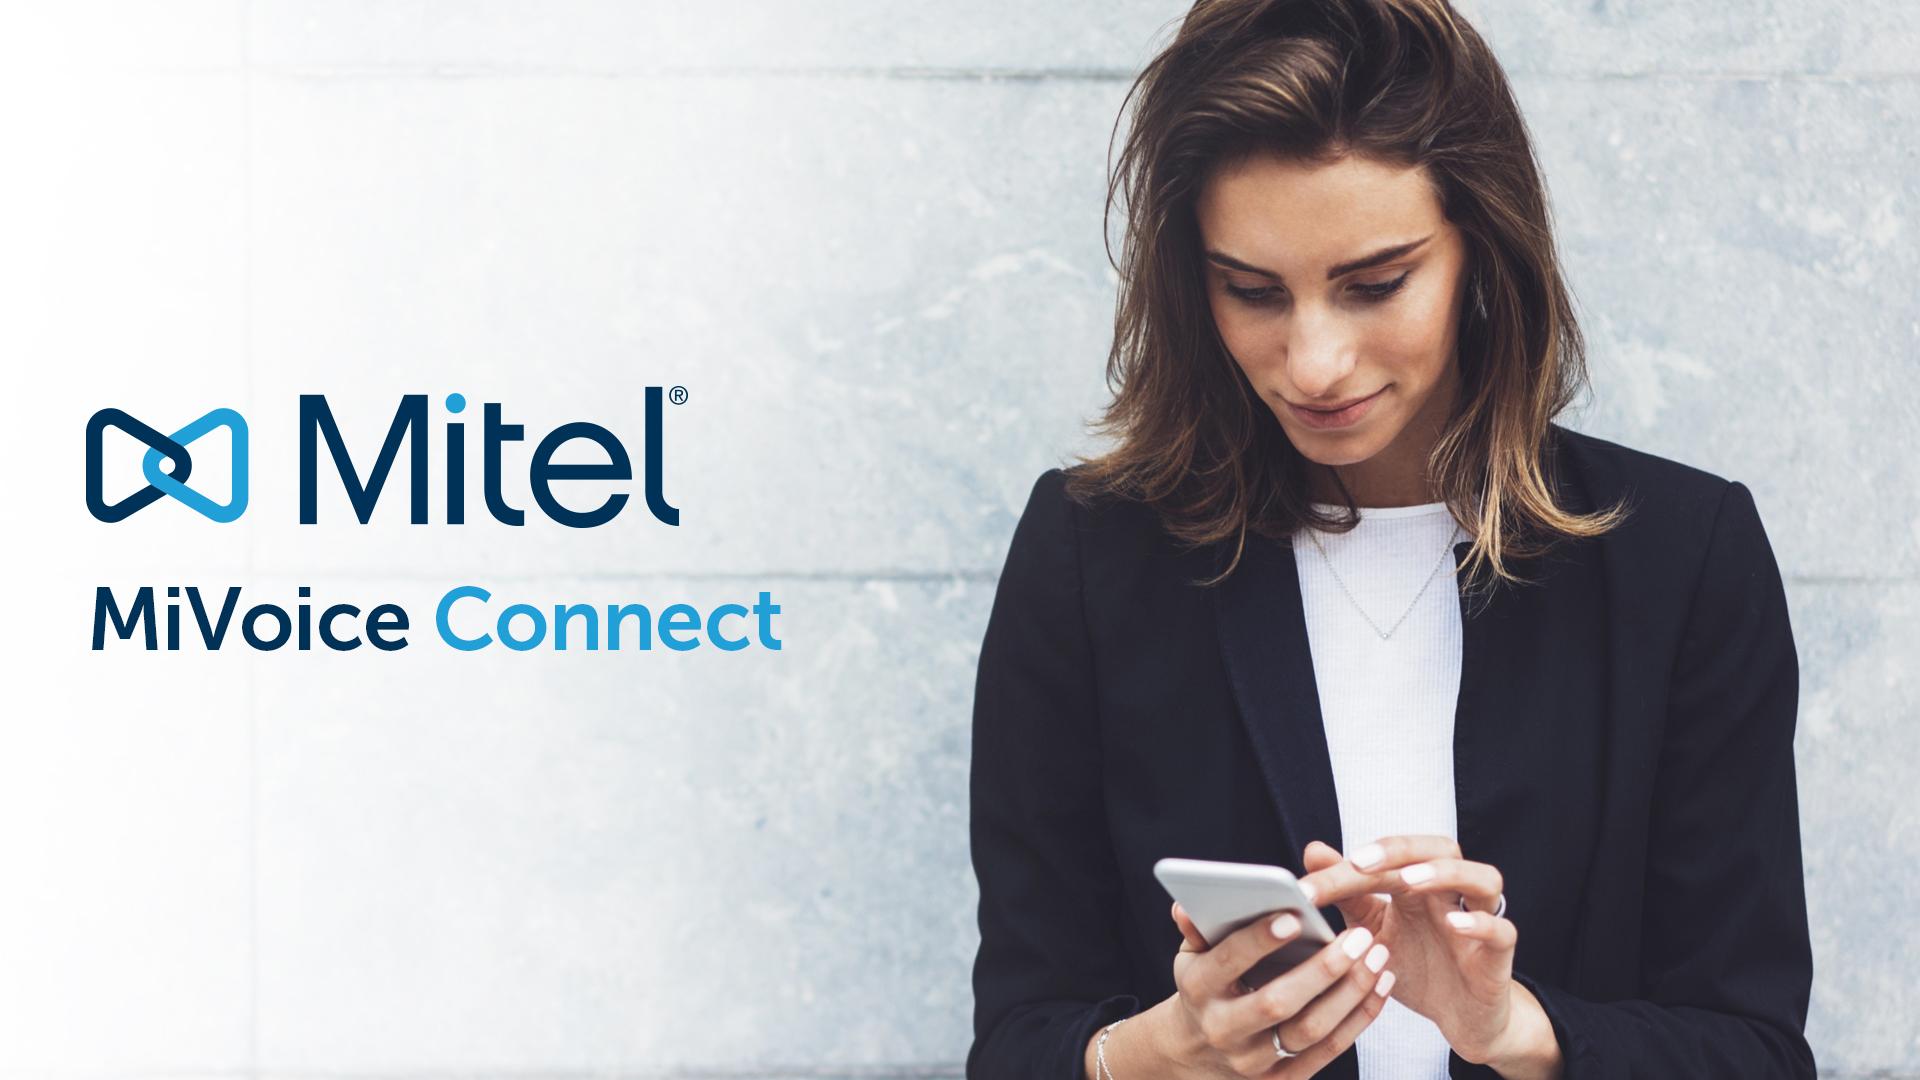 Mitel MiVoice Connect